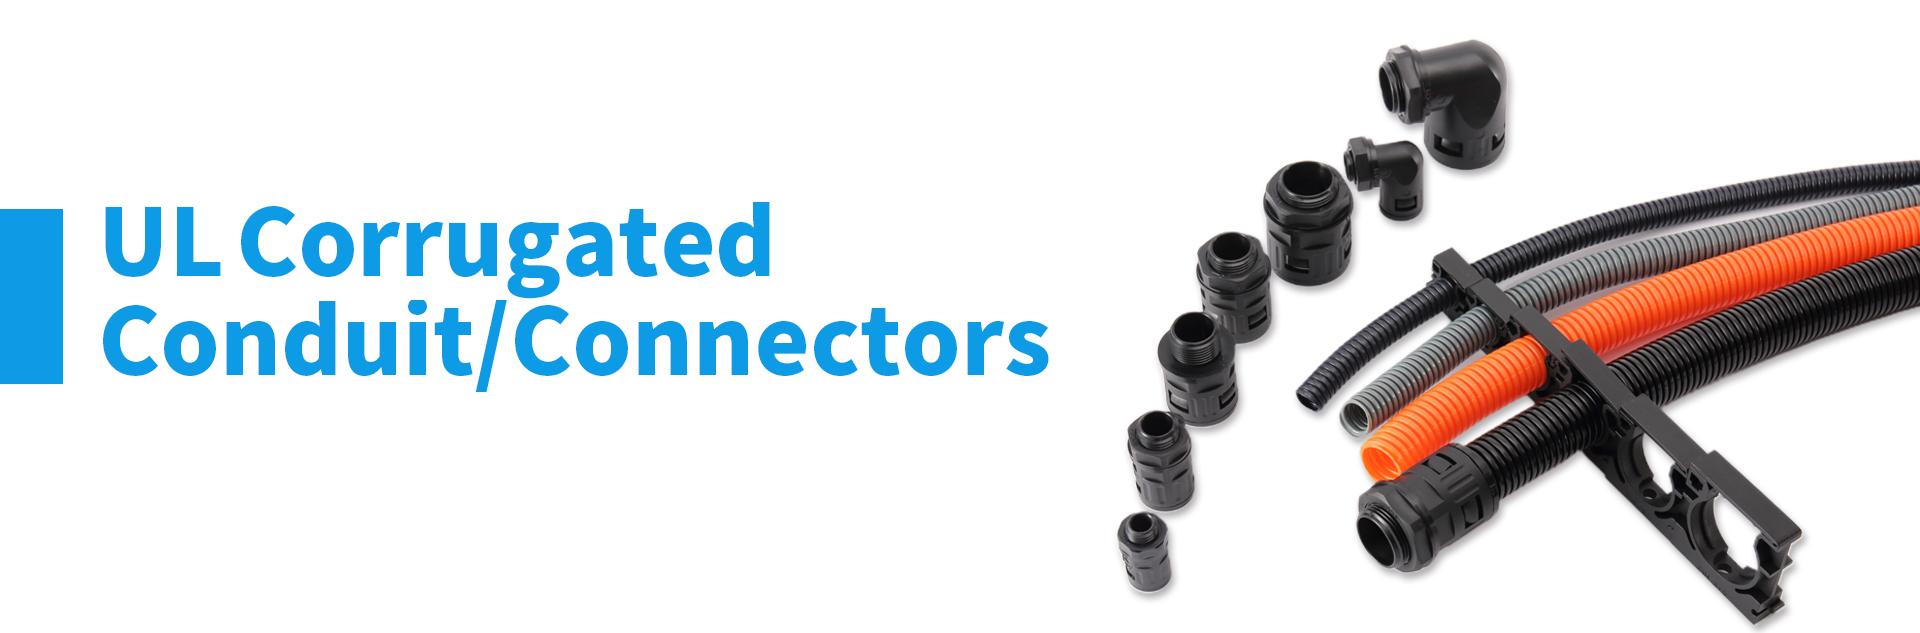 Conduits/Connectors